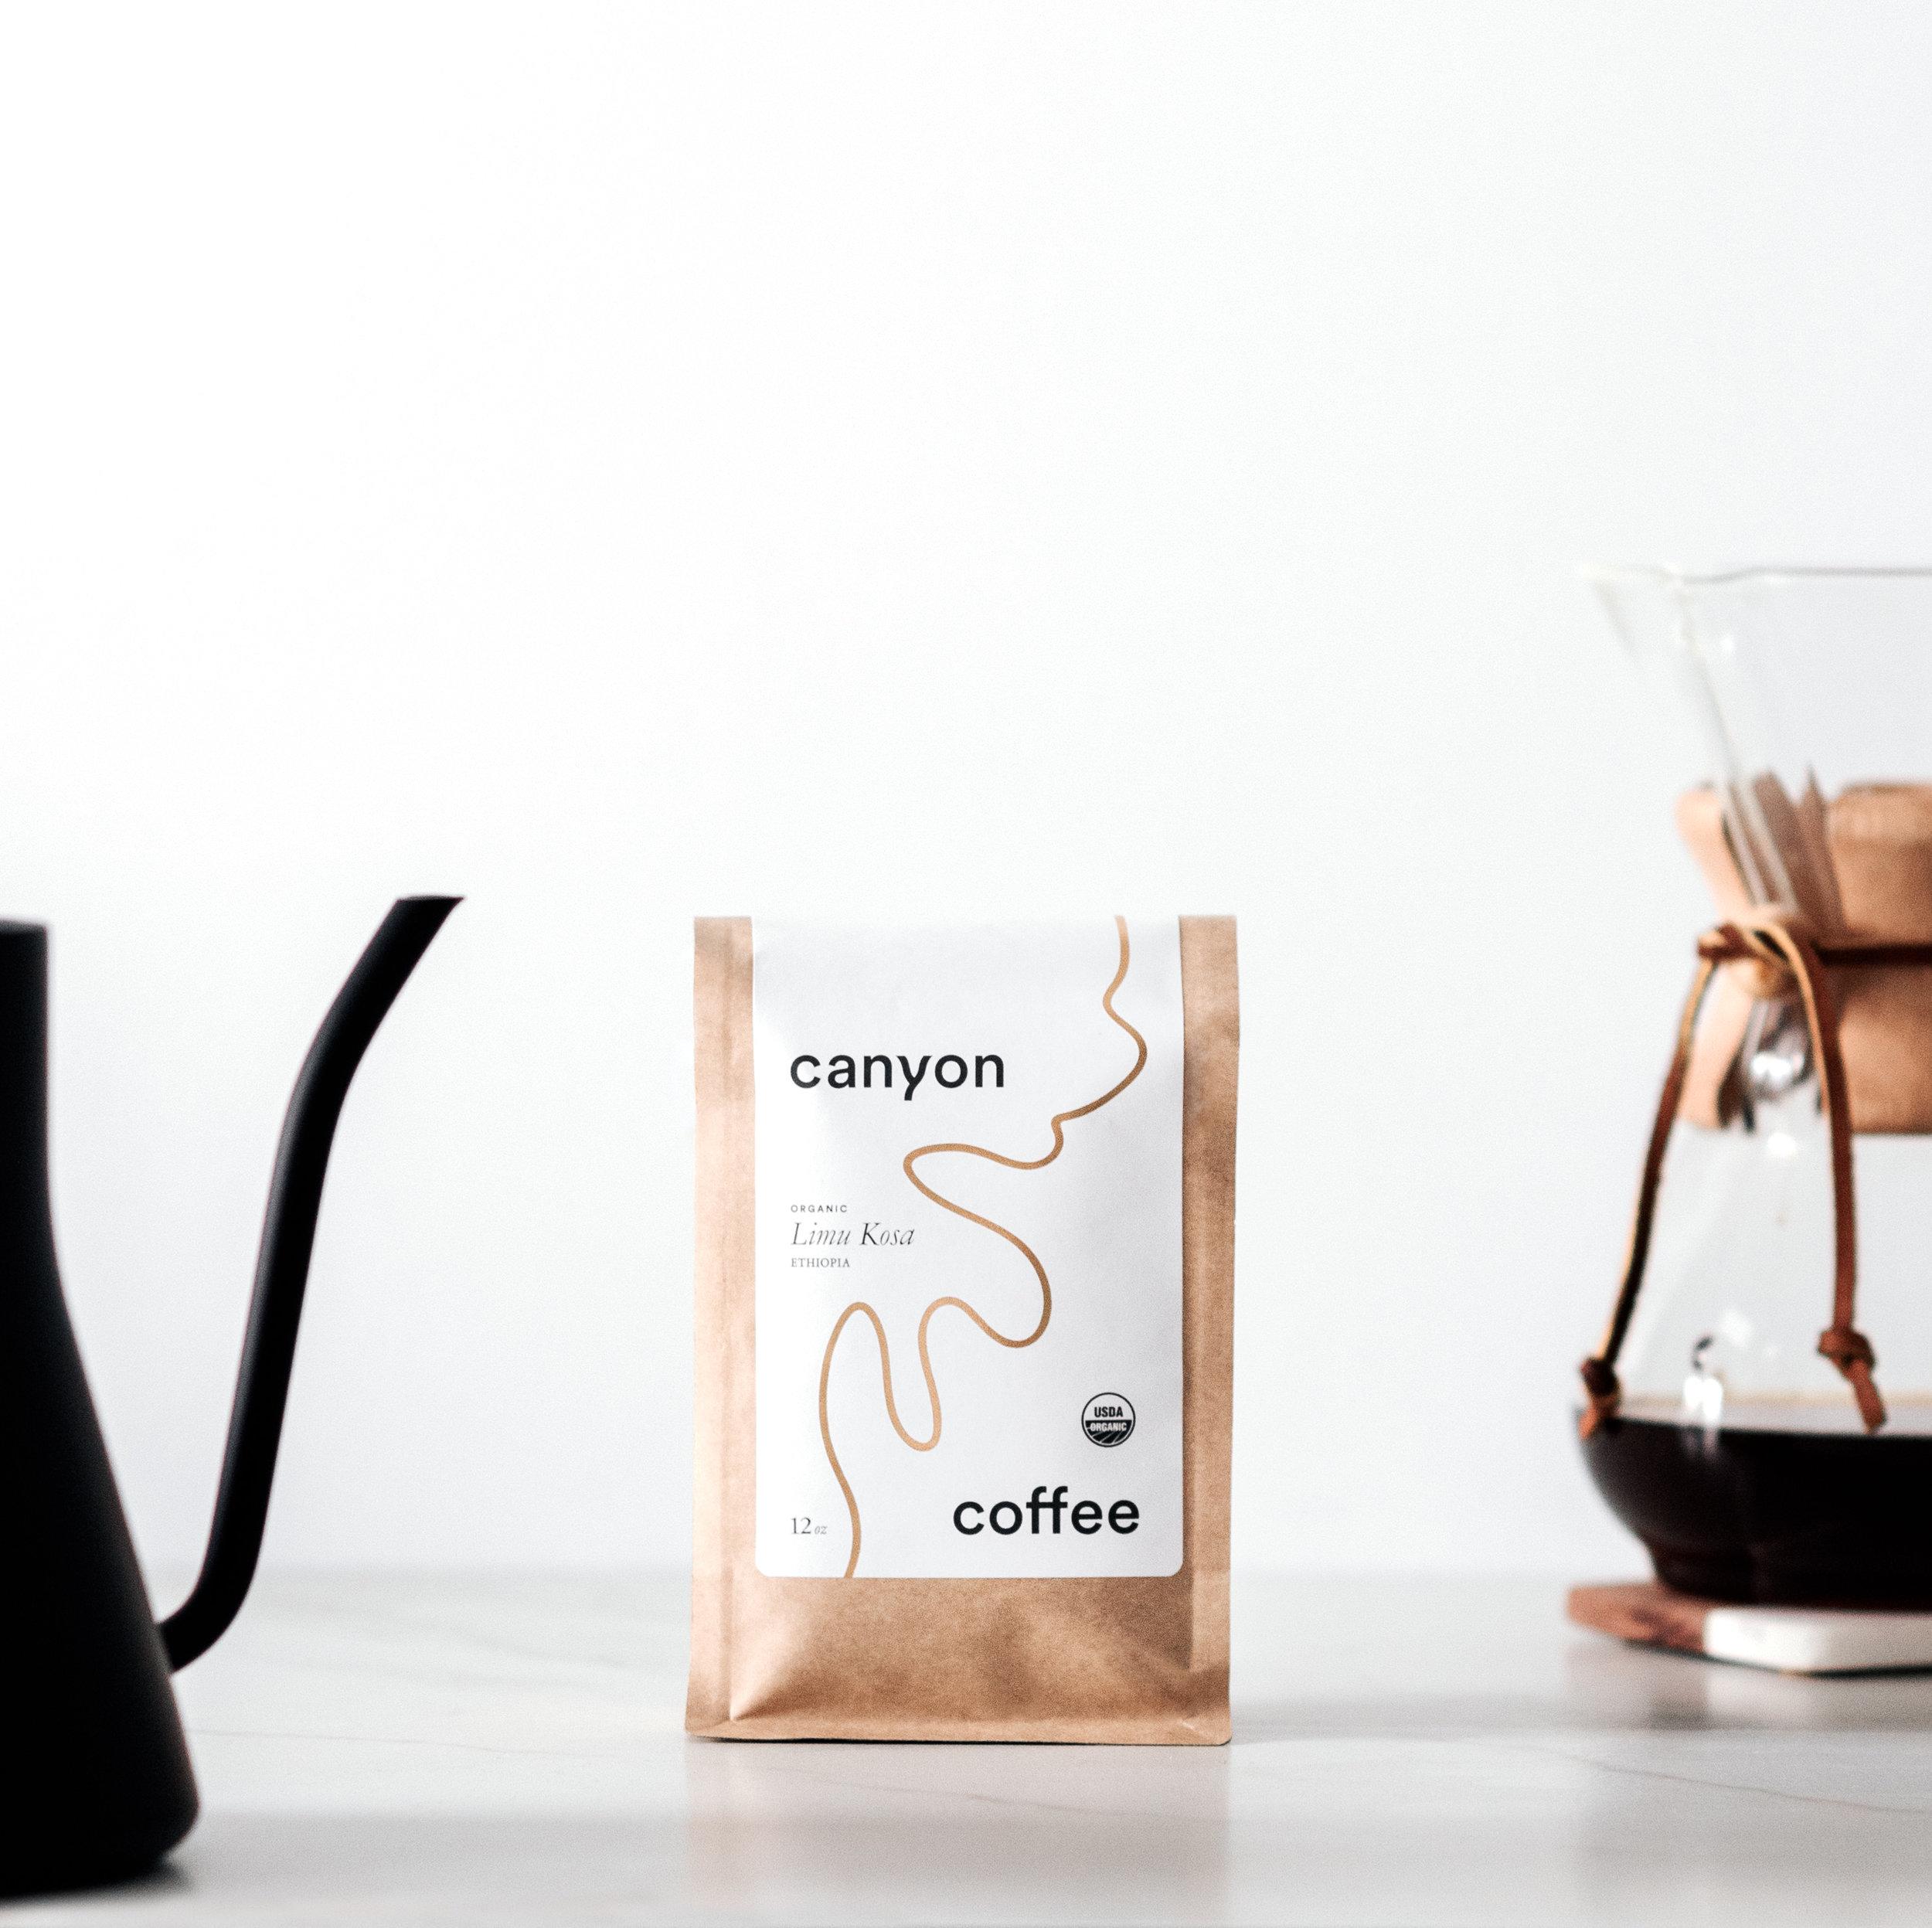 Canyon Coffee_002.jpg